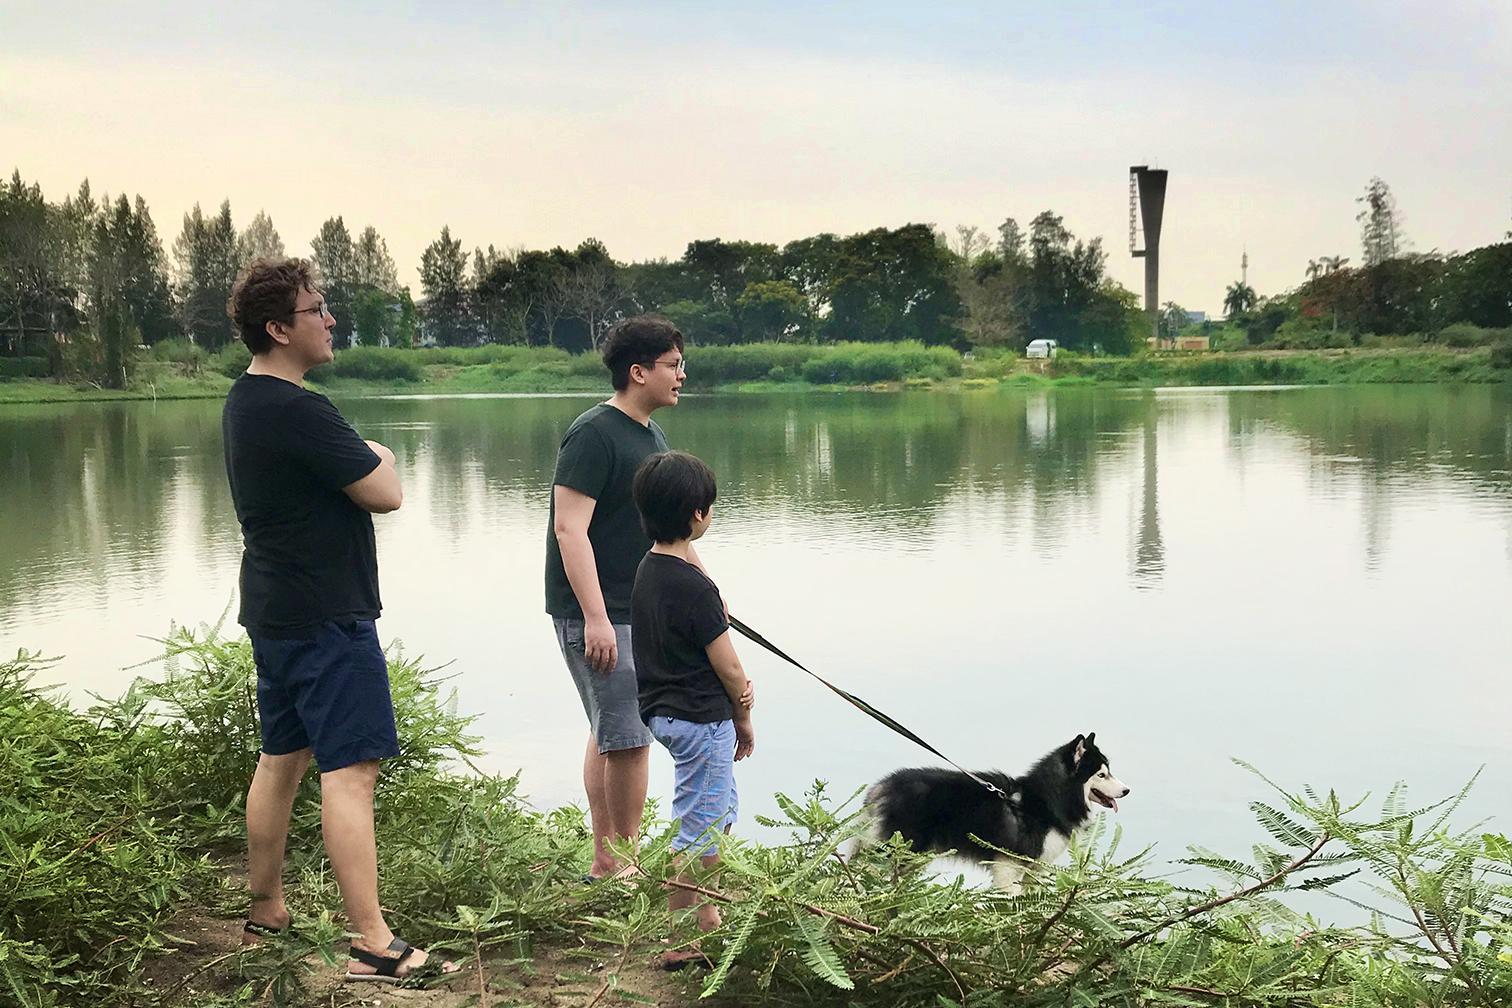 """""""จอห์น นูโว"""" เอาใจคนรักสัตว์ พาสุนัขหนุ่มเป็นแขกพิเศษ"""